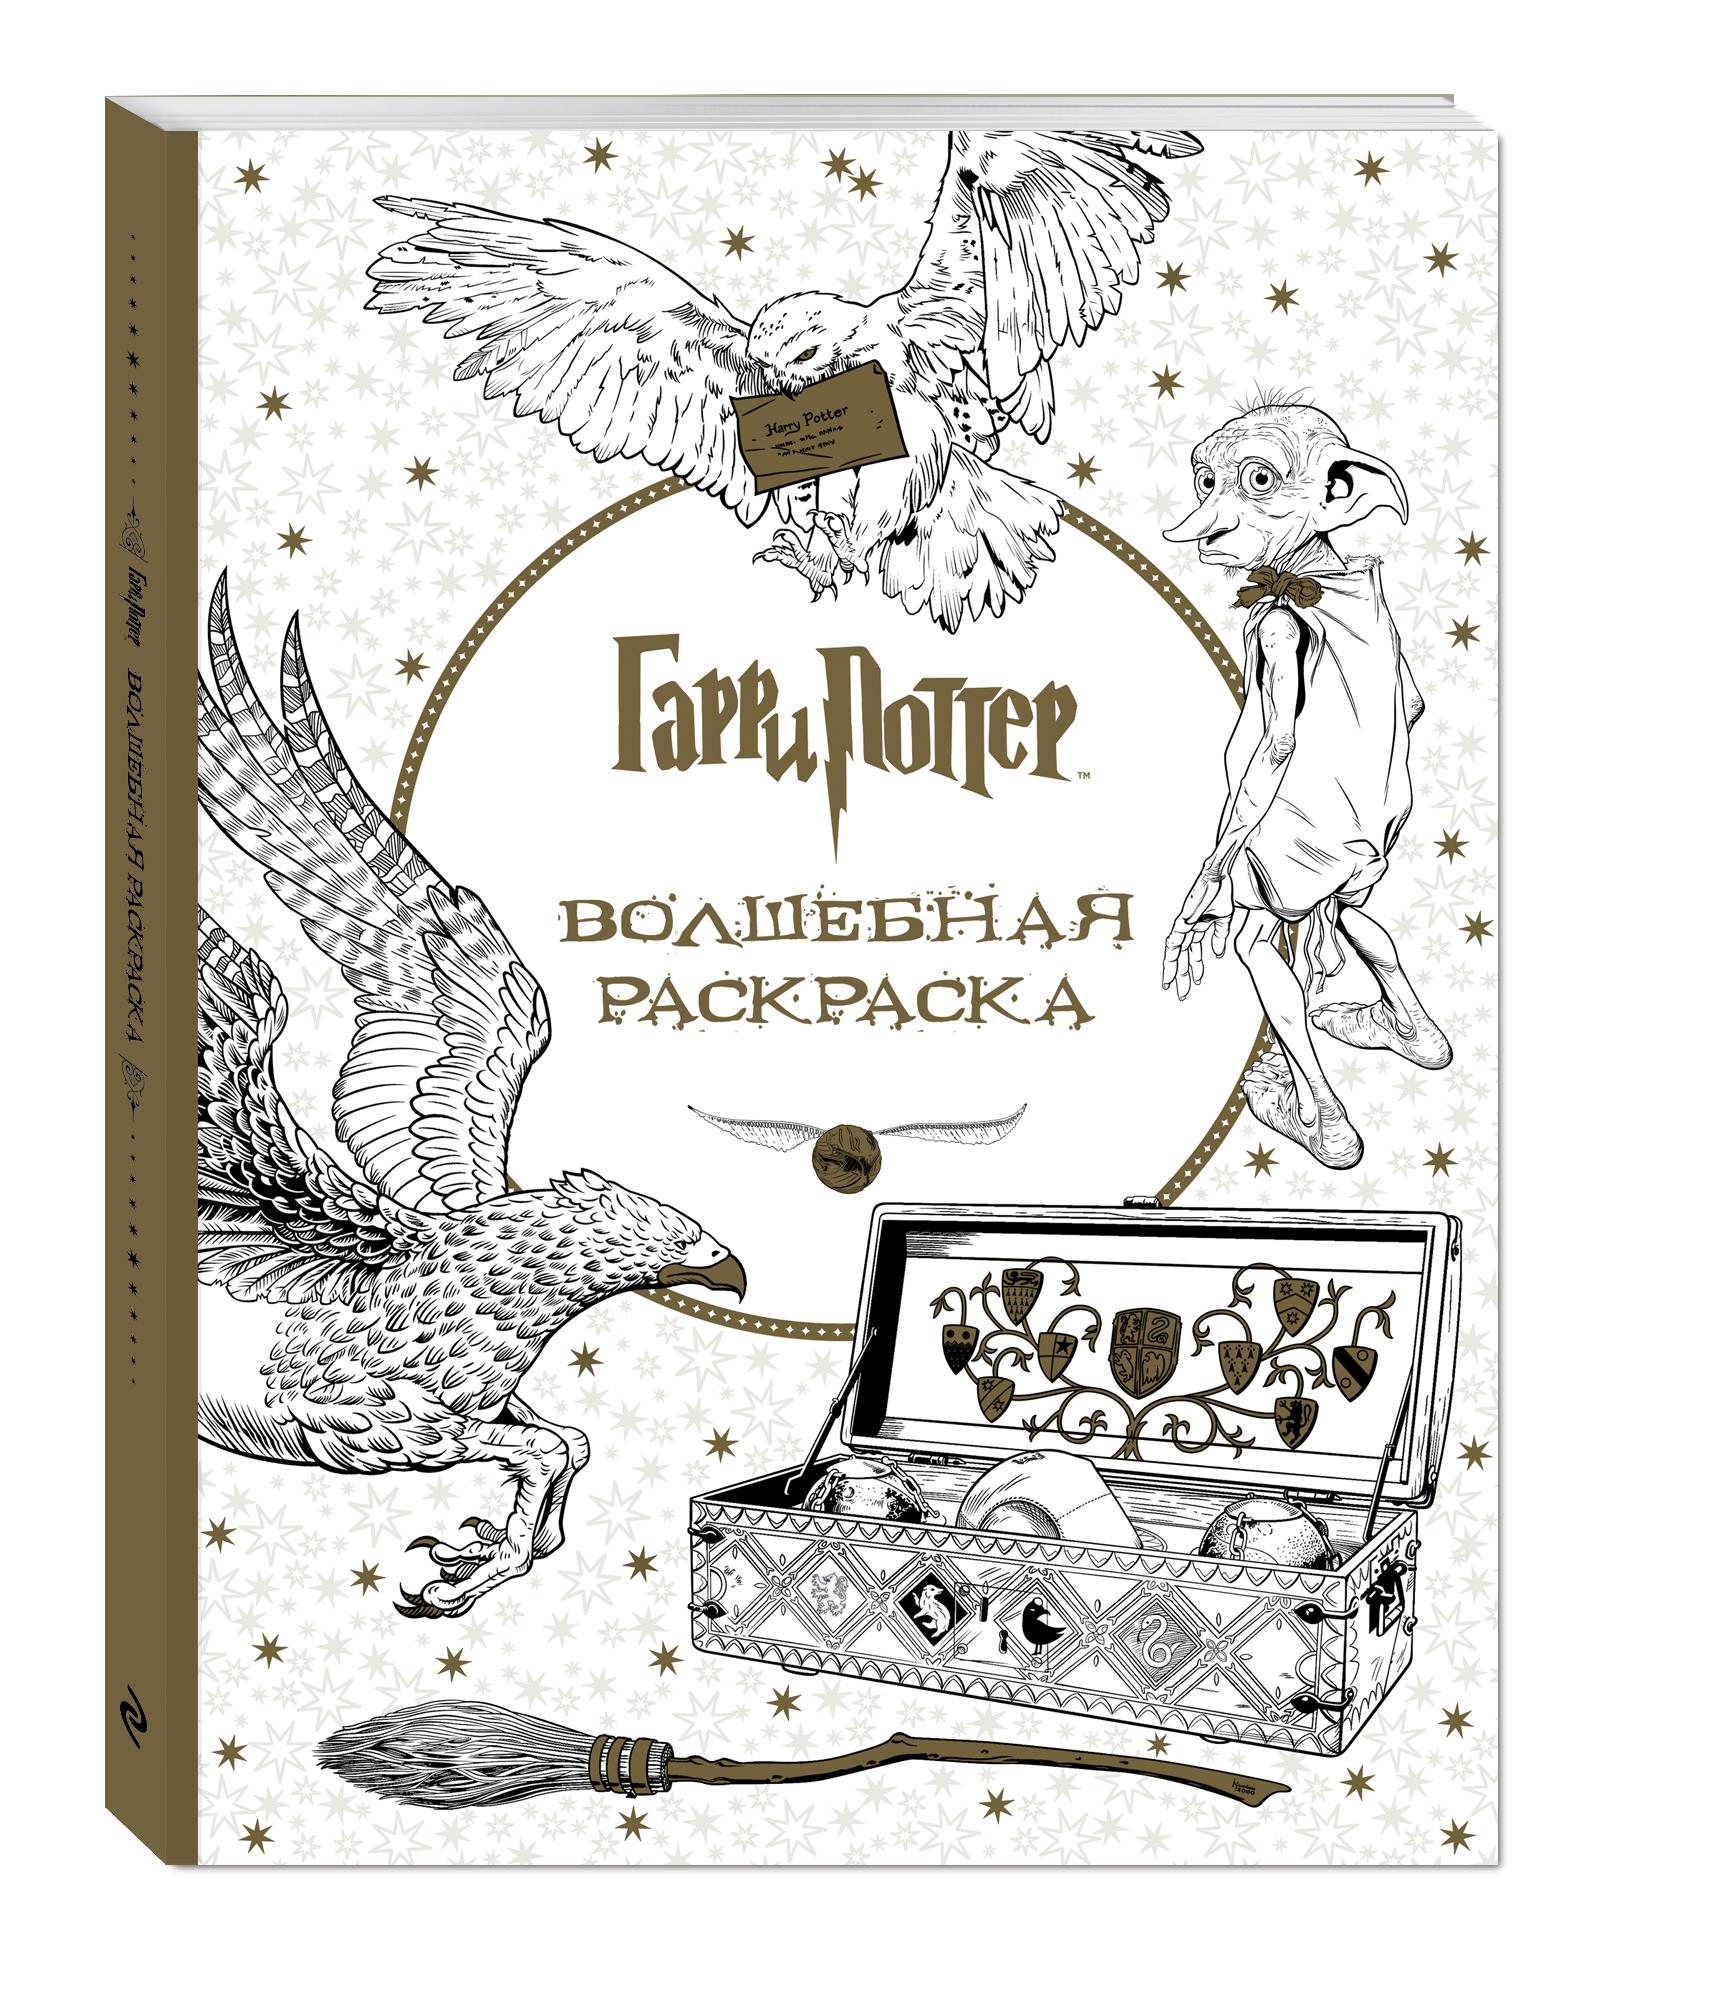 Гарри Поттер. Волшебная раскраска12296407Великолепное издание, иллюстрированное фотографиями из архива Warner Brosers, настоящий подарок всем фанатам книг и фильмов о Гарри Поттере! Позвольте себе приблизиться к волшебному миру Джоан Роулинг. Детальная прорисовка, сложные линии и мелкие узоры - в этой книге оживает вселенная Гарри Поттера, и только вы можете решить, какими красками она заиграет! Вас ждут Добби, малыш Норберт, квиддичное поле, незабываемый финальный бой с Волдемотом и, конечно же, знаменитая компания Гарри, Рона и Гермионы. Возьмите цветные акварельные карандаши и вдохните жизнь в любимую всеми историю о мальчике-который-выжил!